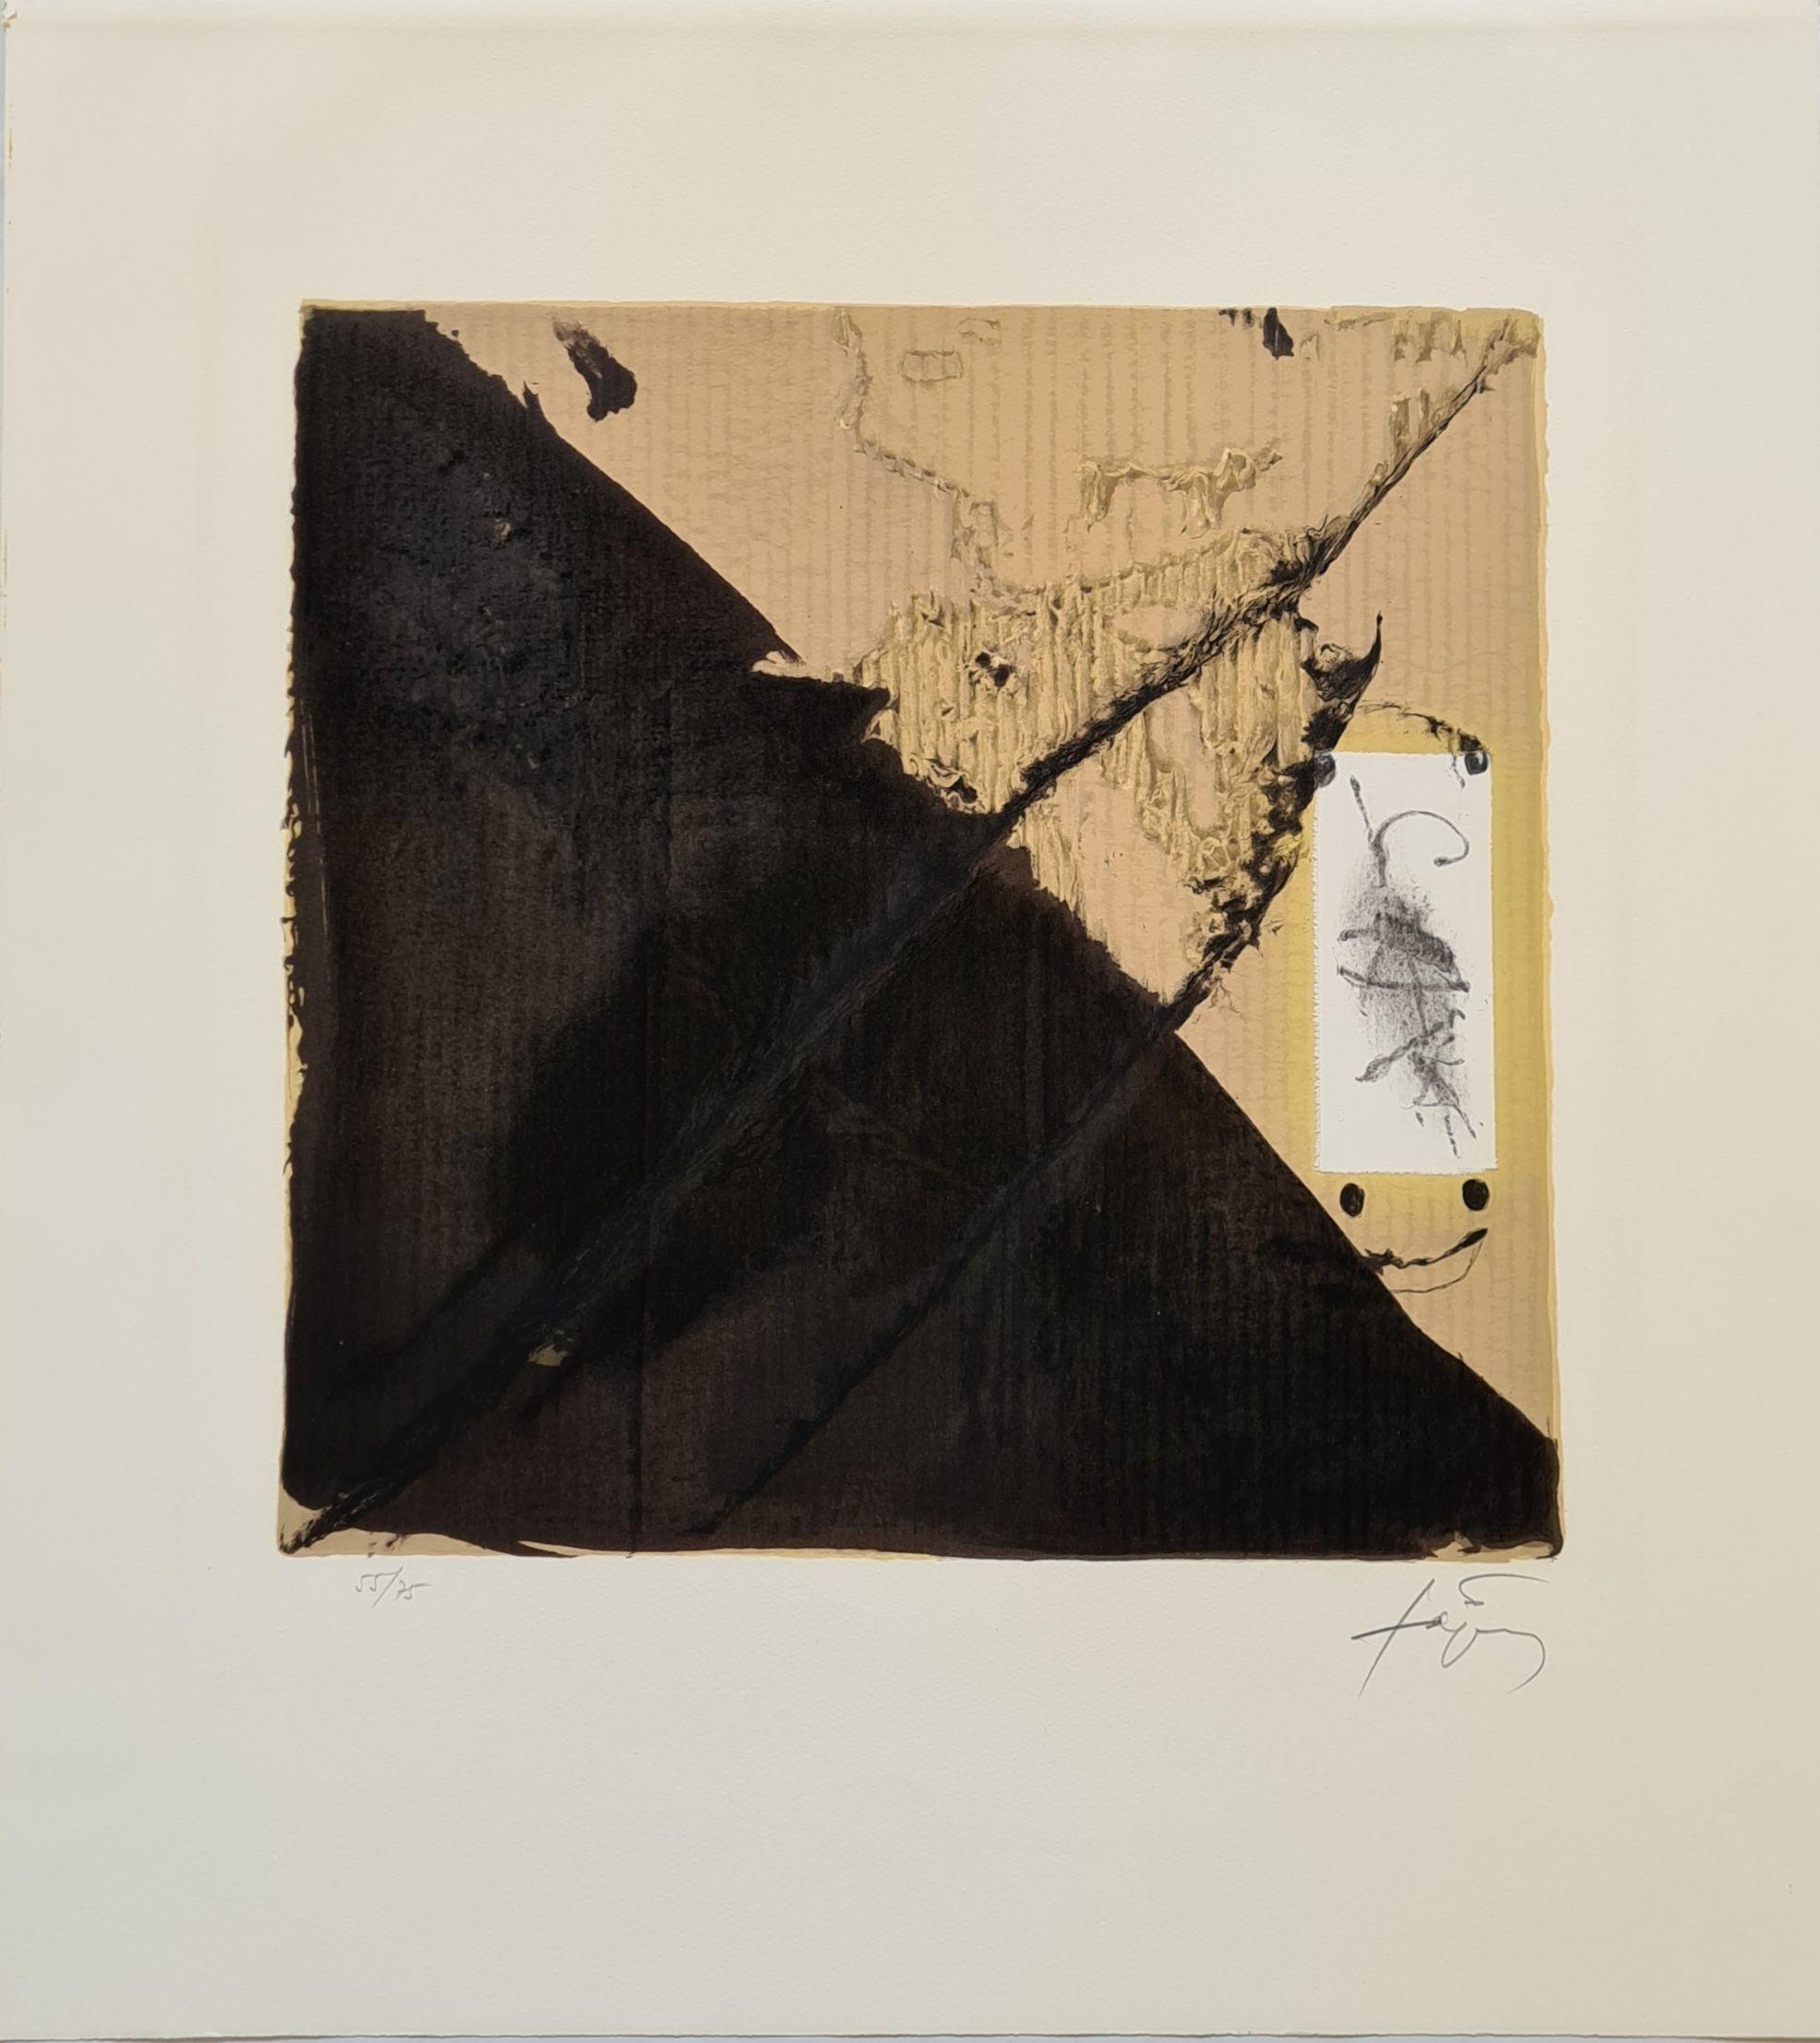 Antoni Tàpies - Noir et cartons, 1980